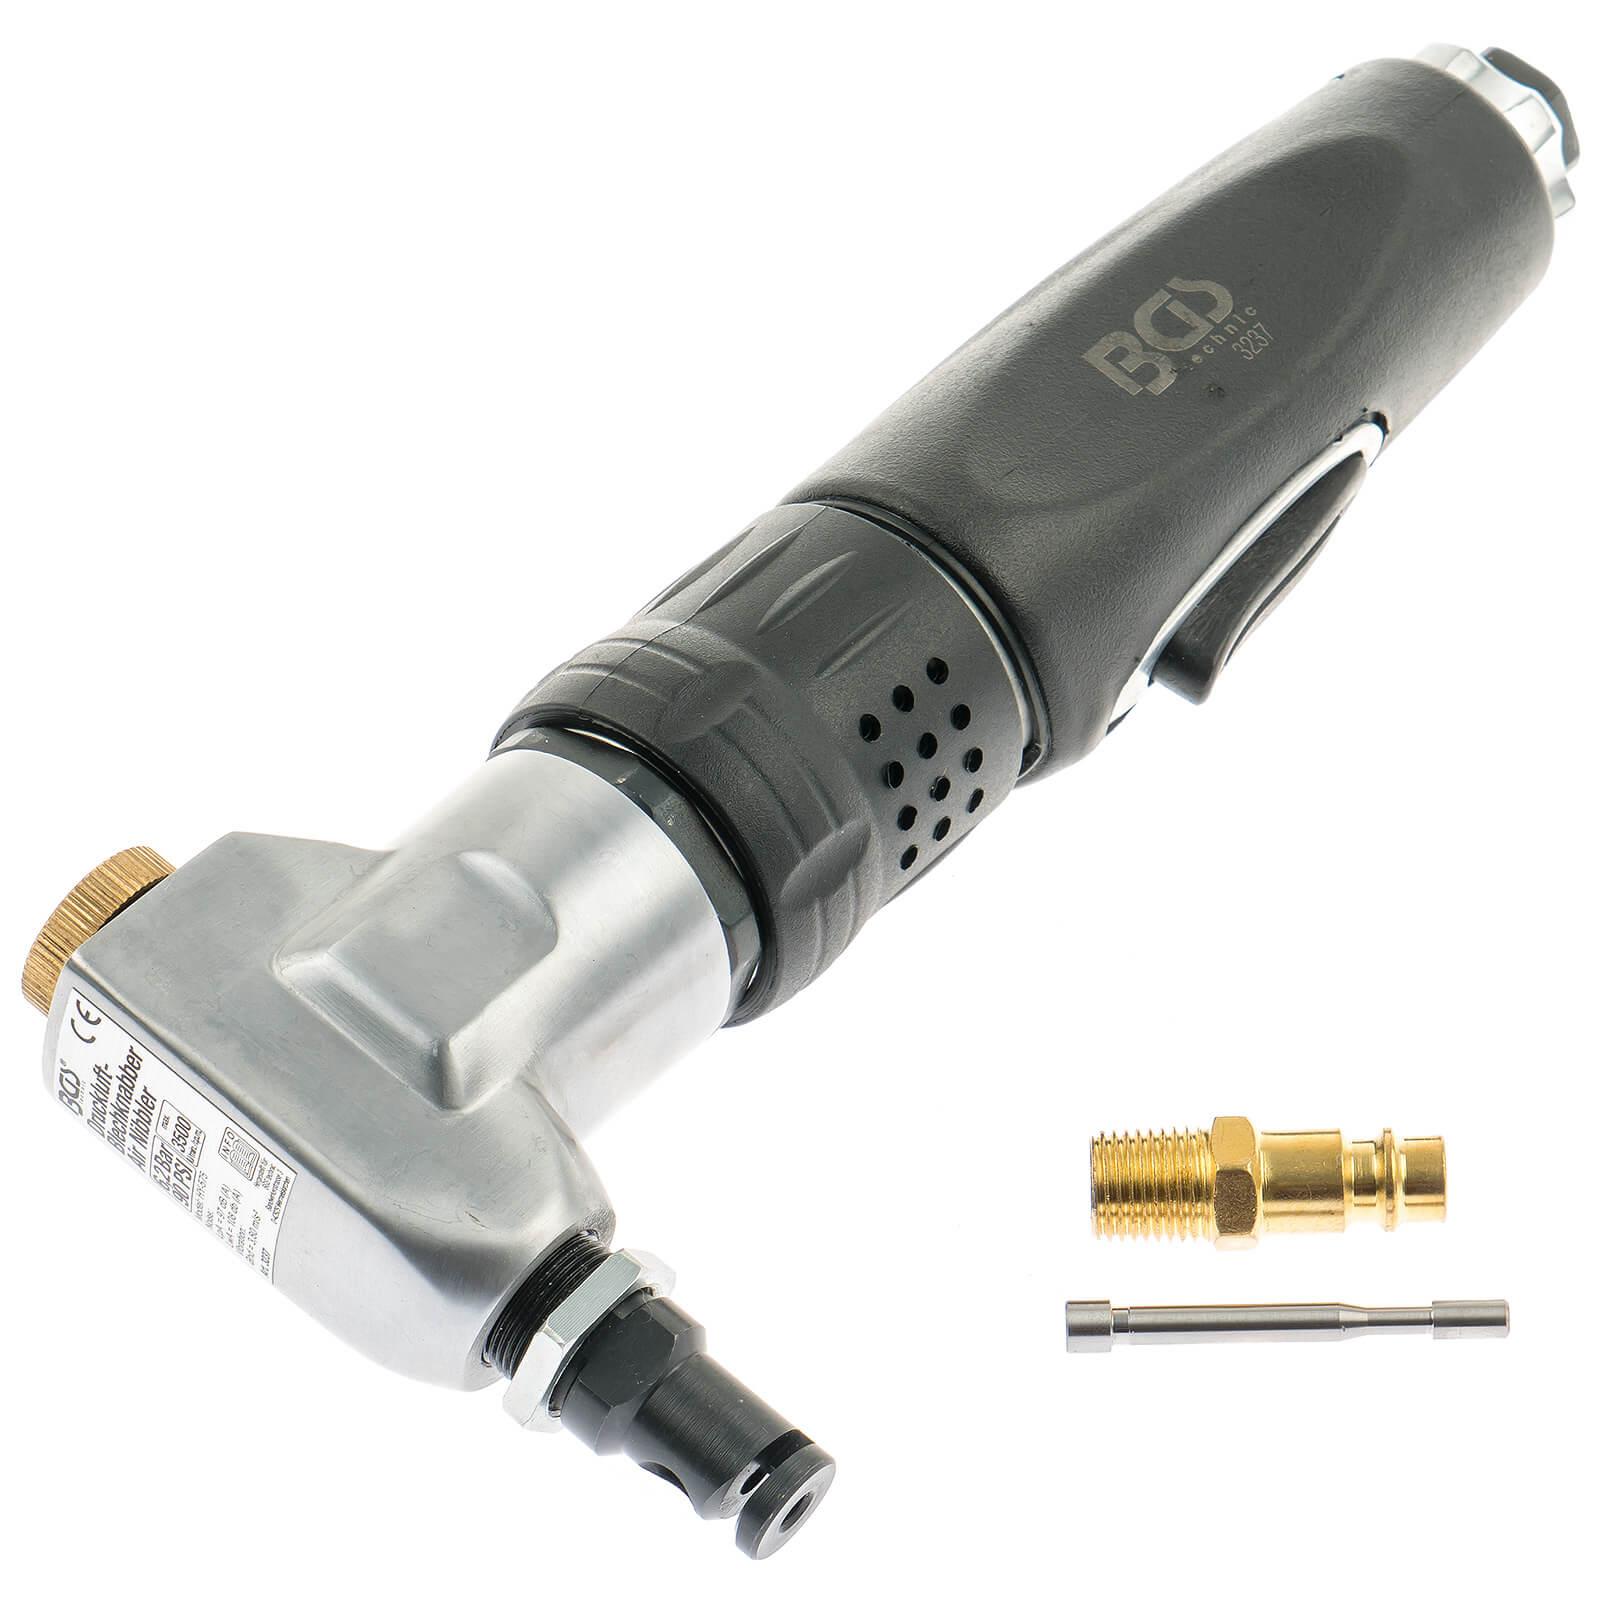 Bgs 3237 Druckluft Blechnibbler Kfz Werkzeug Onlineshop Und